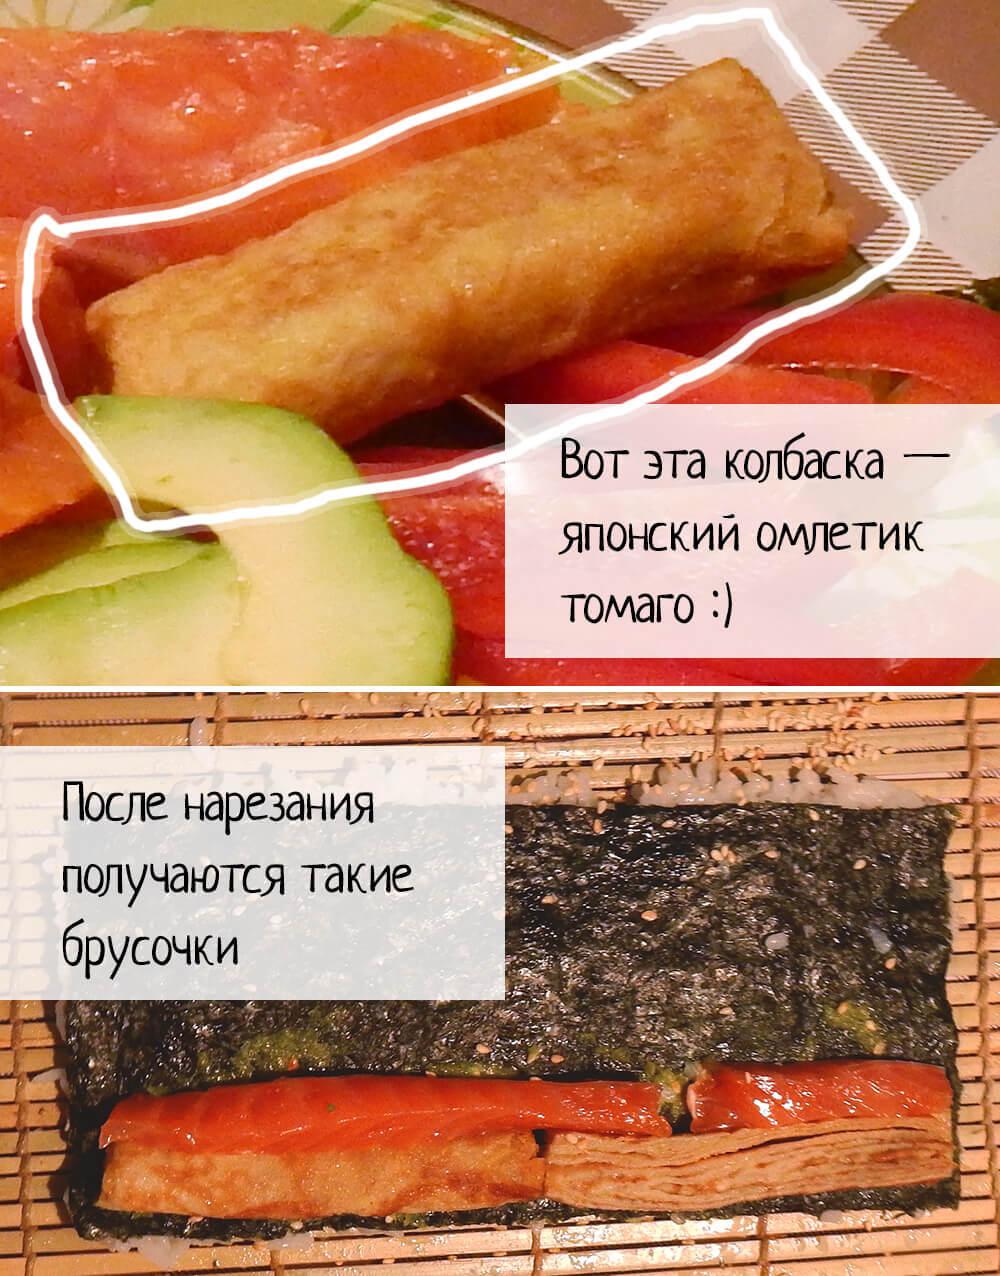 Японский омлет для суши рецепт с фото пошагово